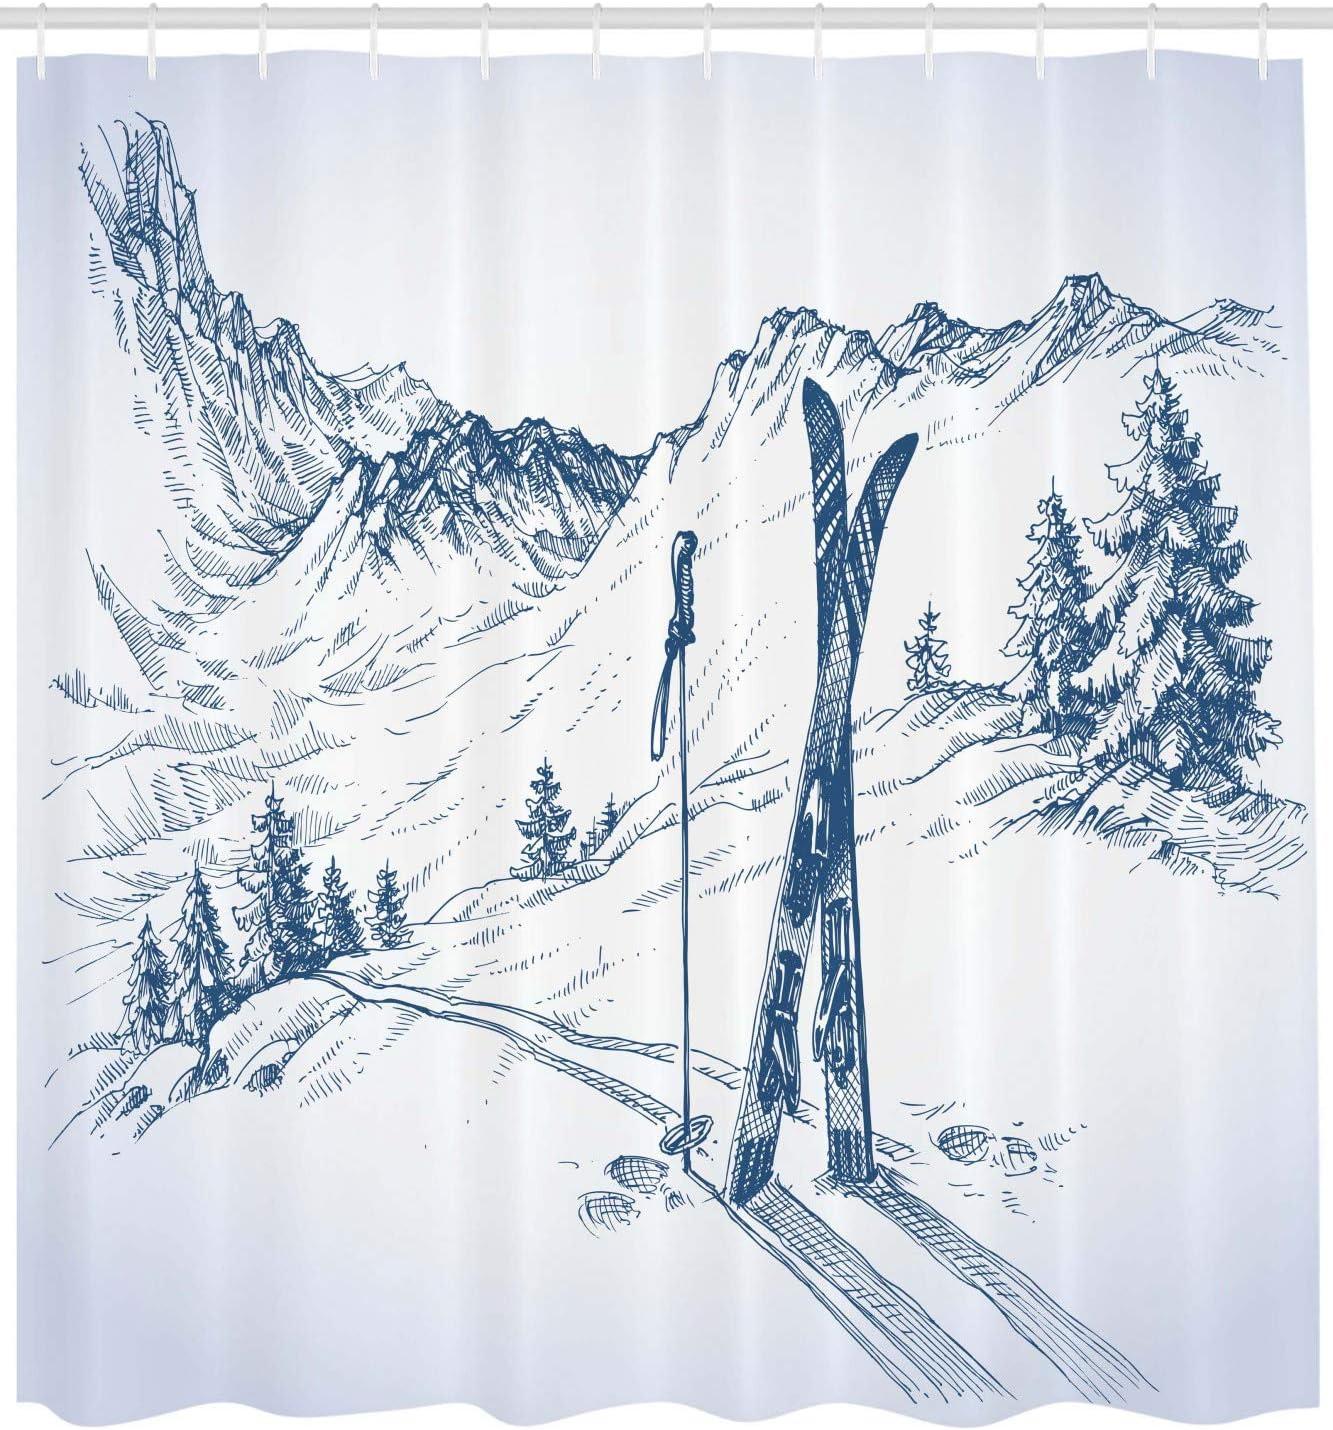 Material Resistente al Agua Durable Estampa Digital Deporte del esqu/í de monta/ña 175 x 200 cm ABAKUHAUS Invierno Cortina de Ba/ño Azul Blanco